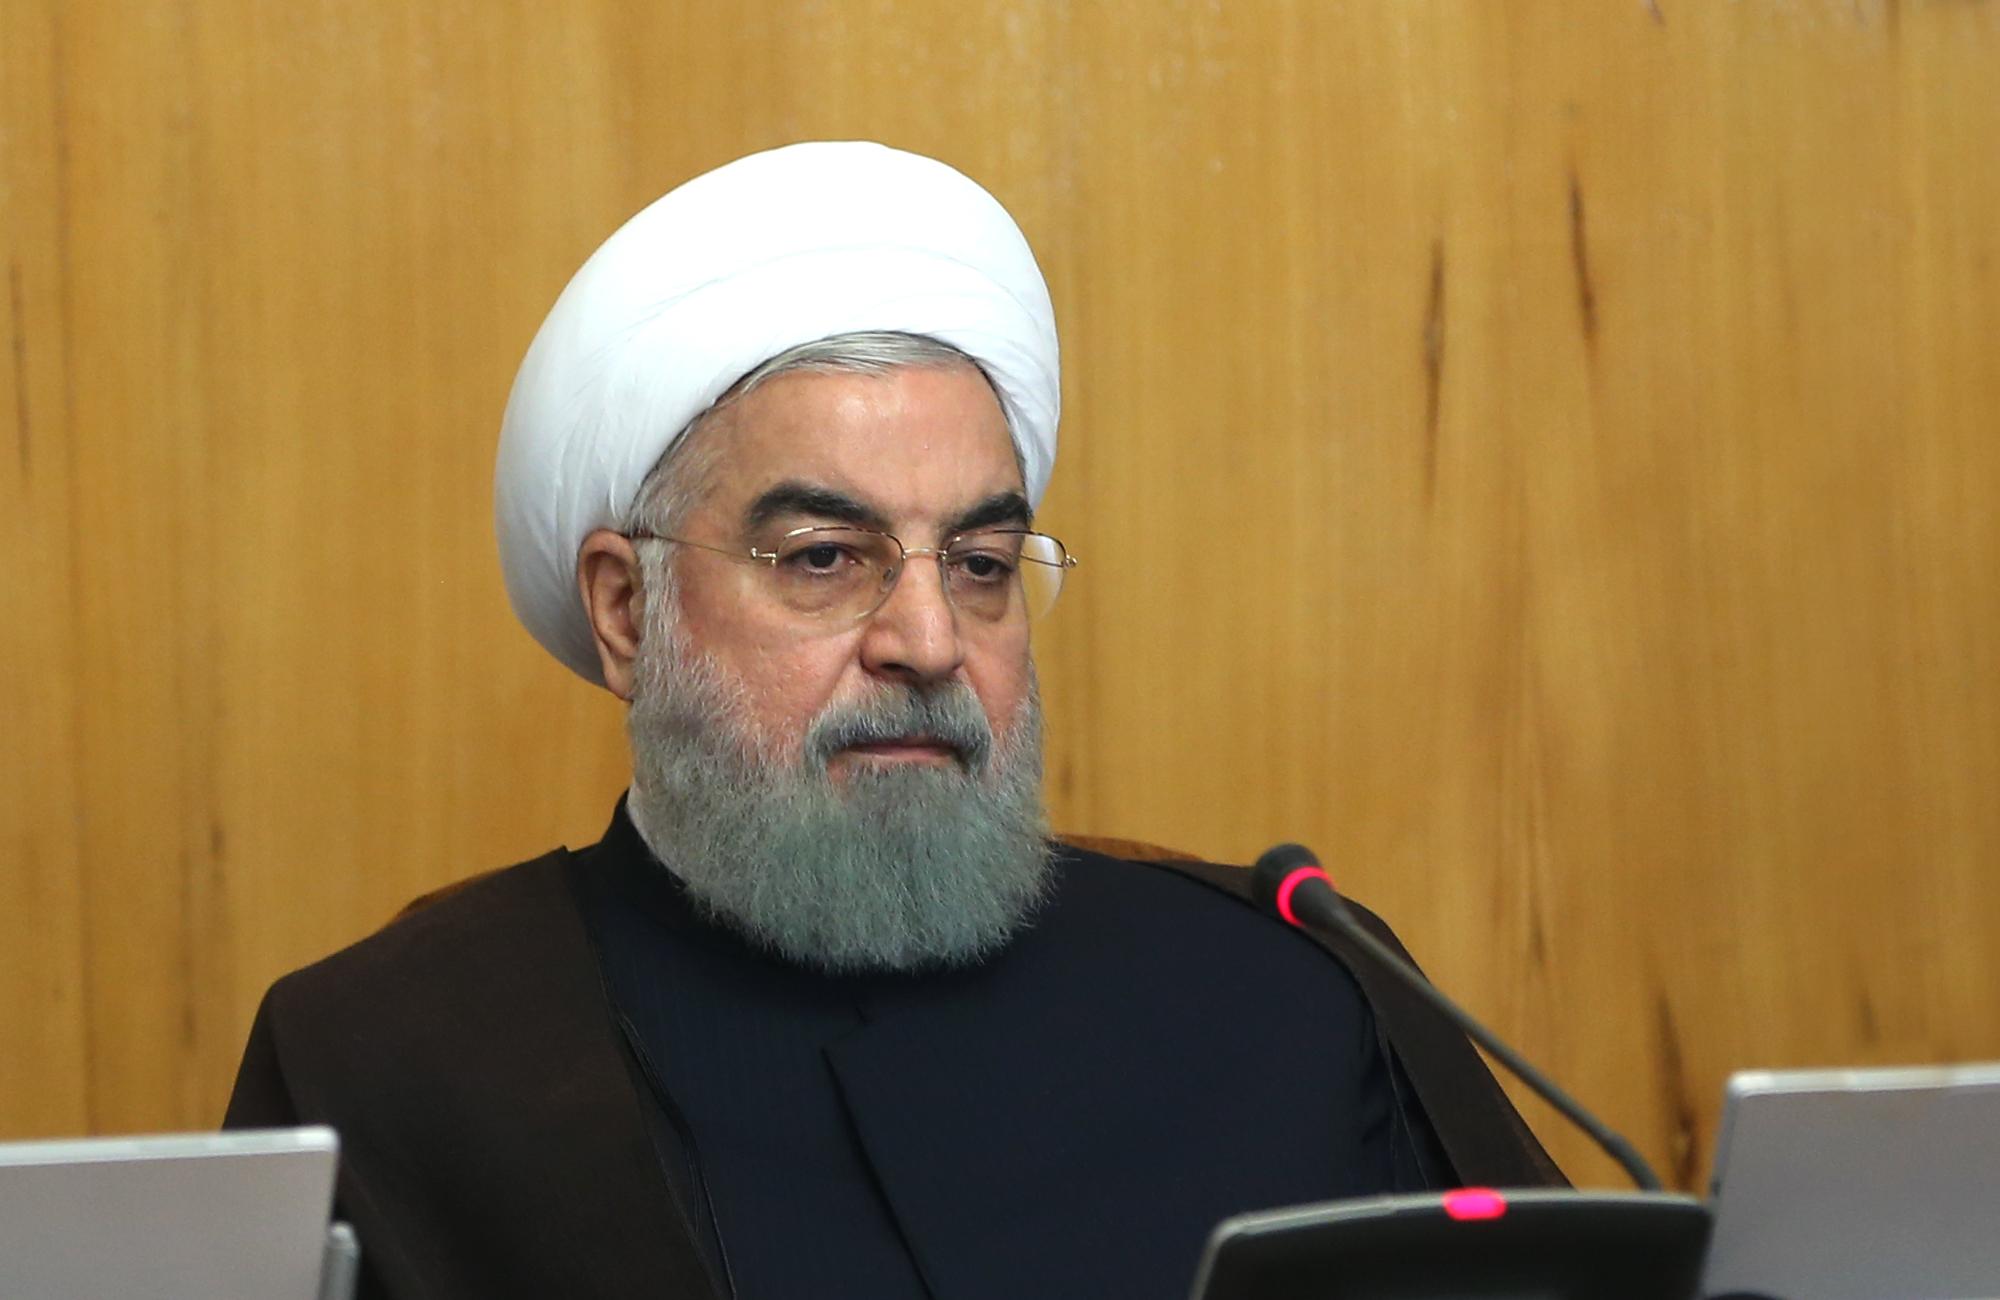 ایران همواره آماده روابط برادرانه و دوستانه با همه کشورهای اسلامی است/ تامین امنیت خلیج فارس نیازی به نیروی خارجی ندارد / صهیونیستها اگر میتوانند امنیت خود را حفظ کنند!